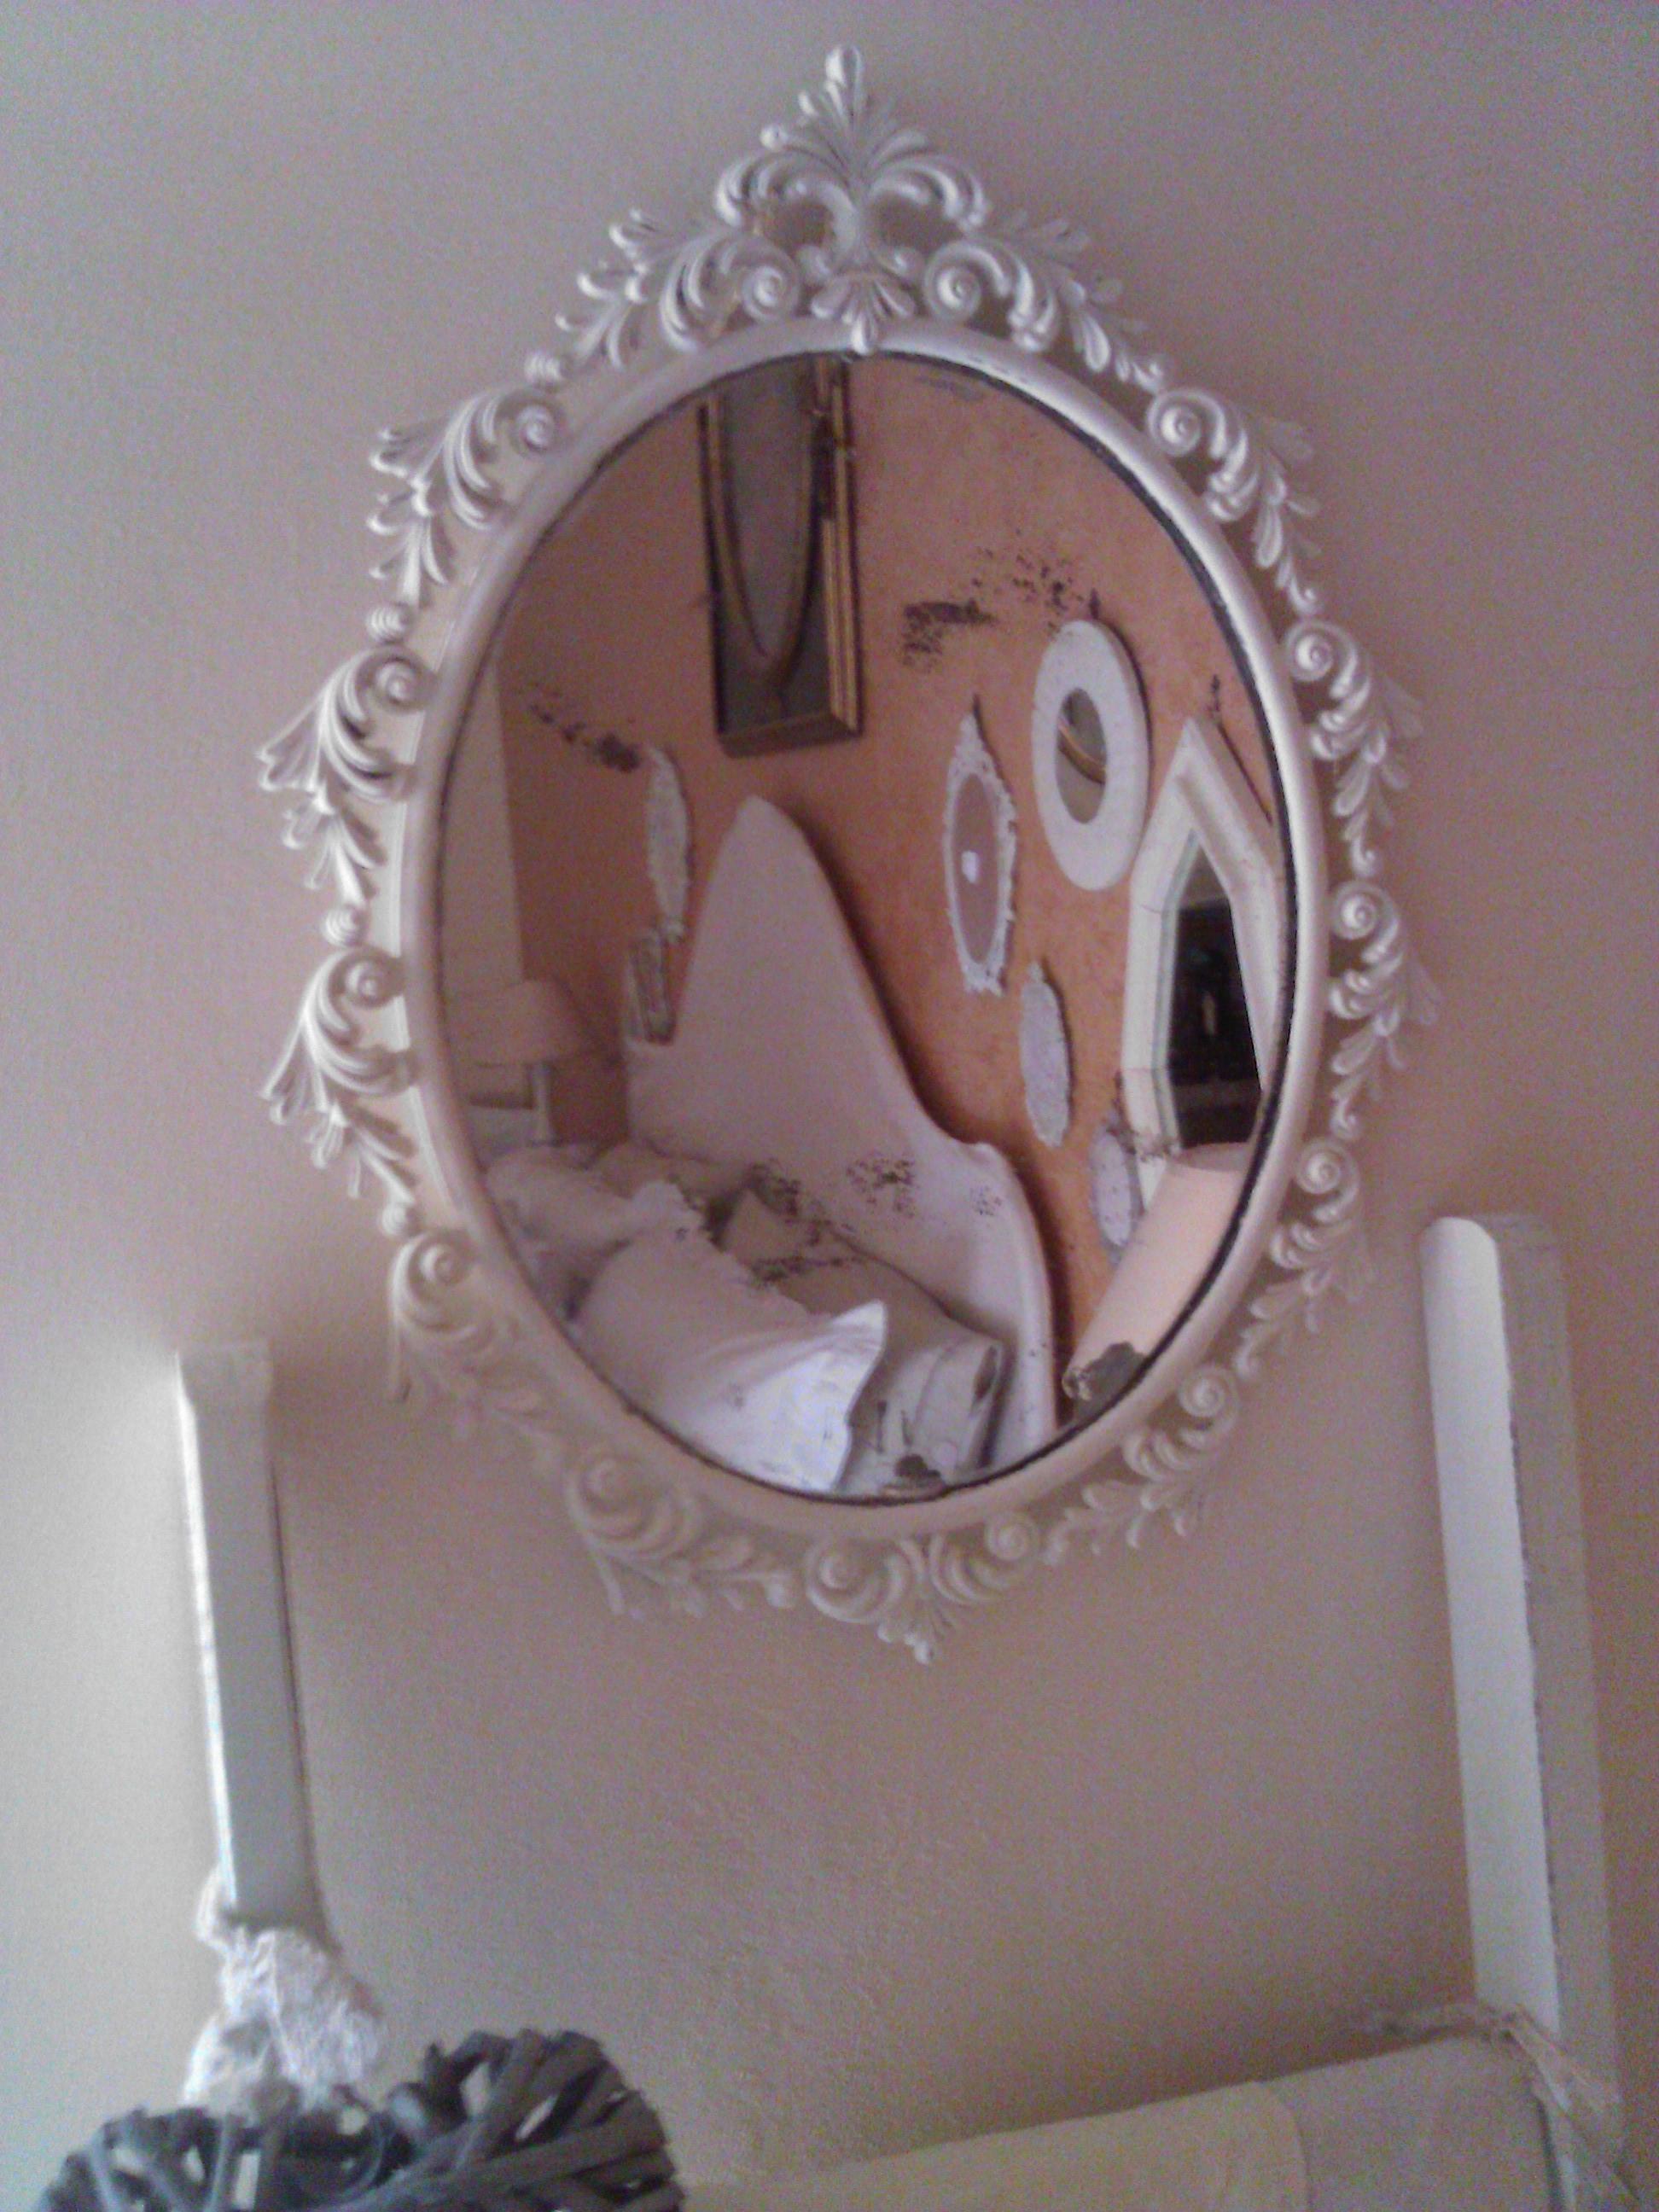 Cornici e specchi in stile shabby il blog italiano sullo shabby chic e non solo - Specchi in stile ...